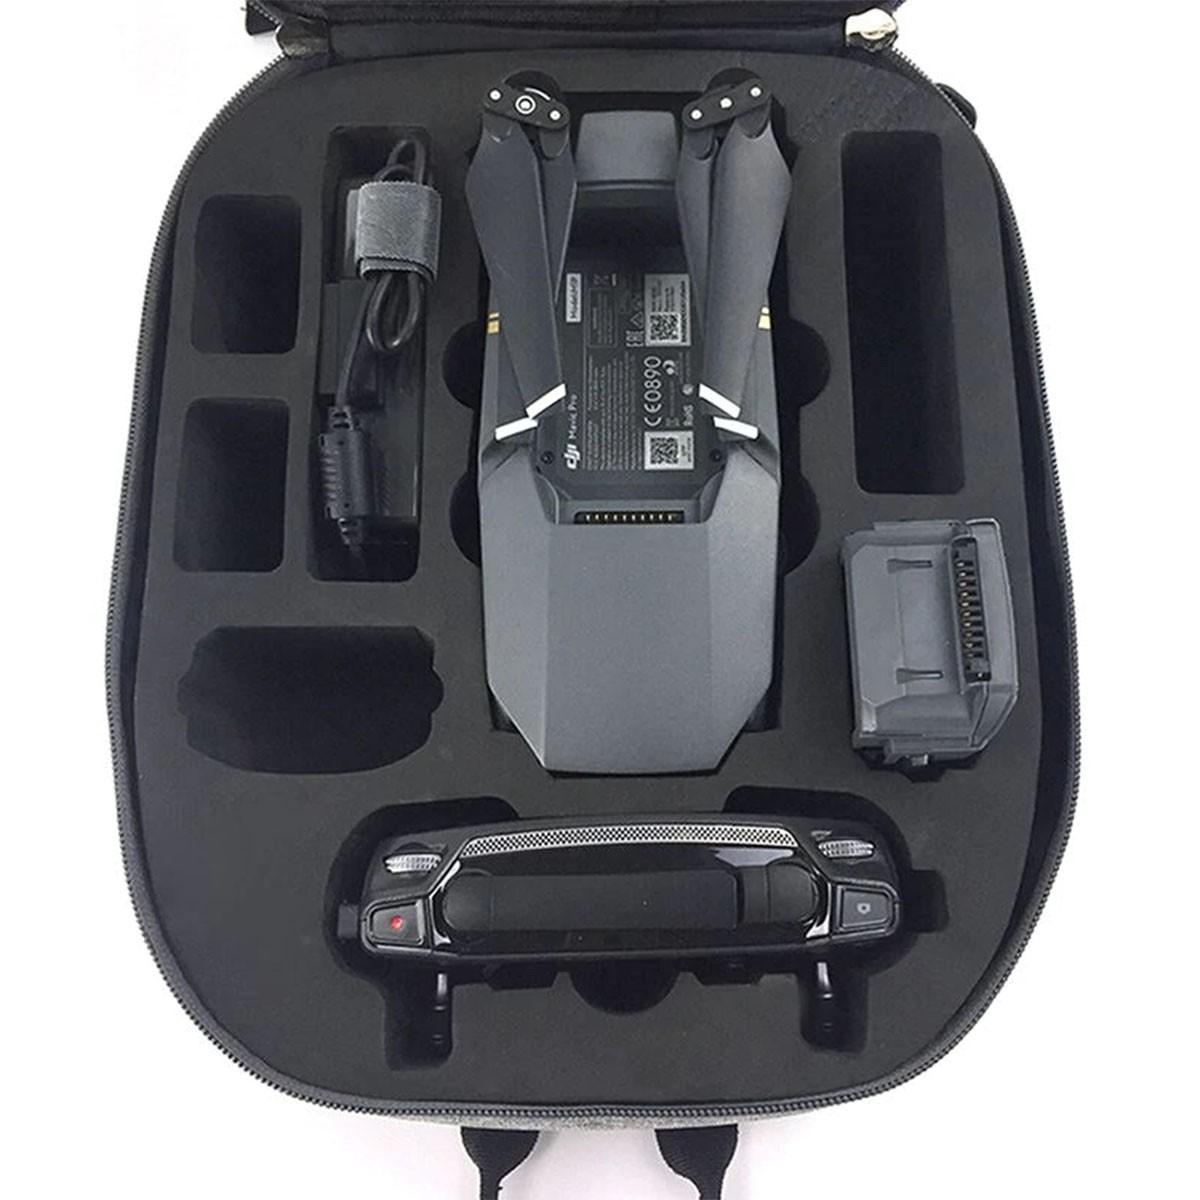 Mochila de Transporte e Proteção - Impermeável - DJI Mavic Pro